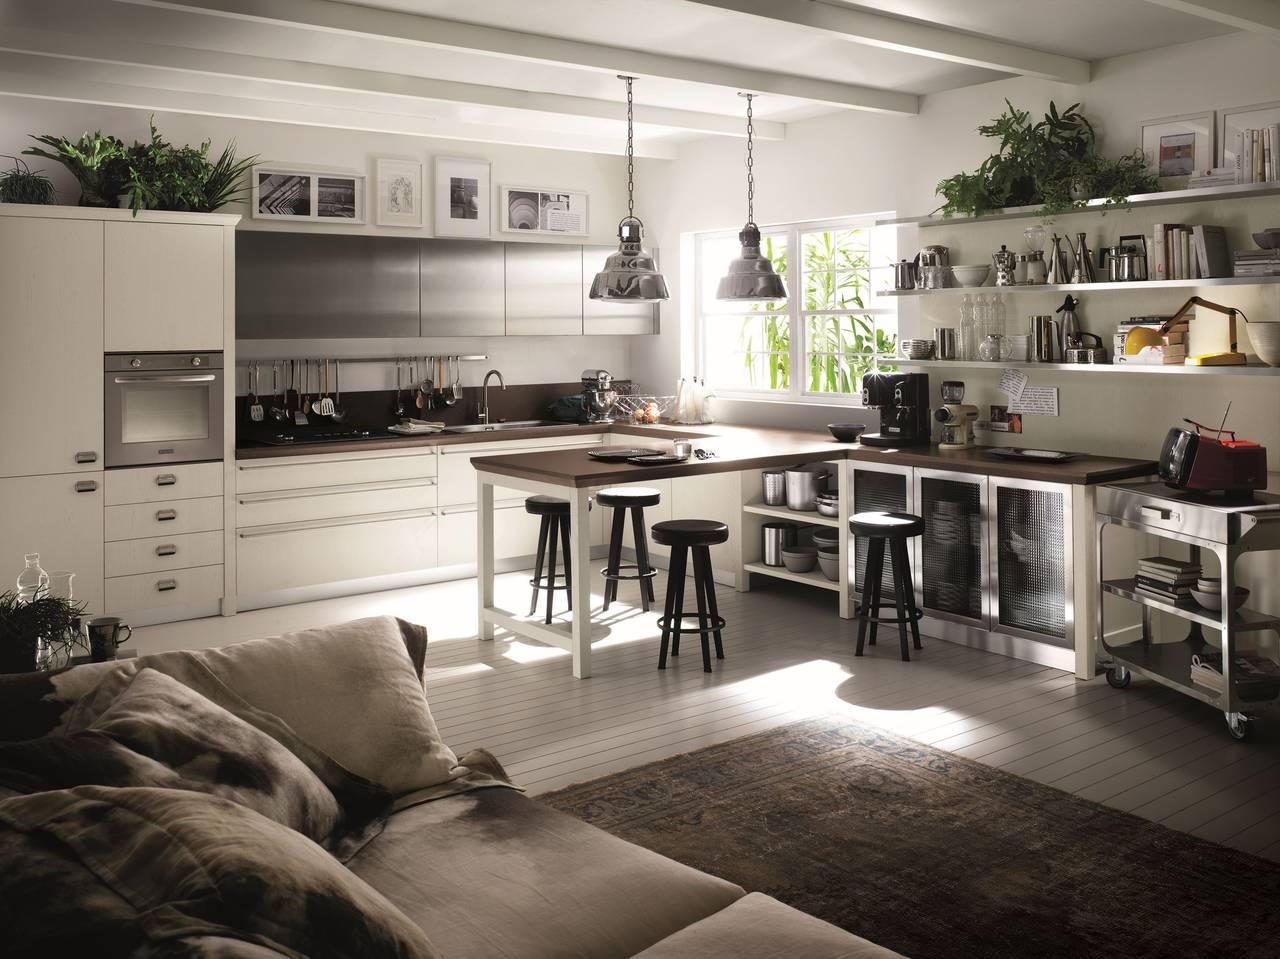 Kitchen Nata Dalla Collaborazione Tra Il Brand Di Moda E Scavolini #7A9635 1280 959 Foto Di Cucine Vecchie